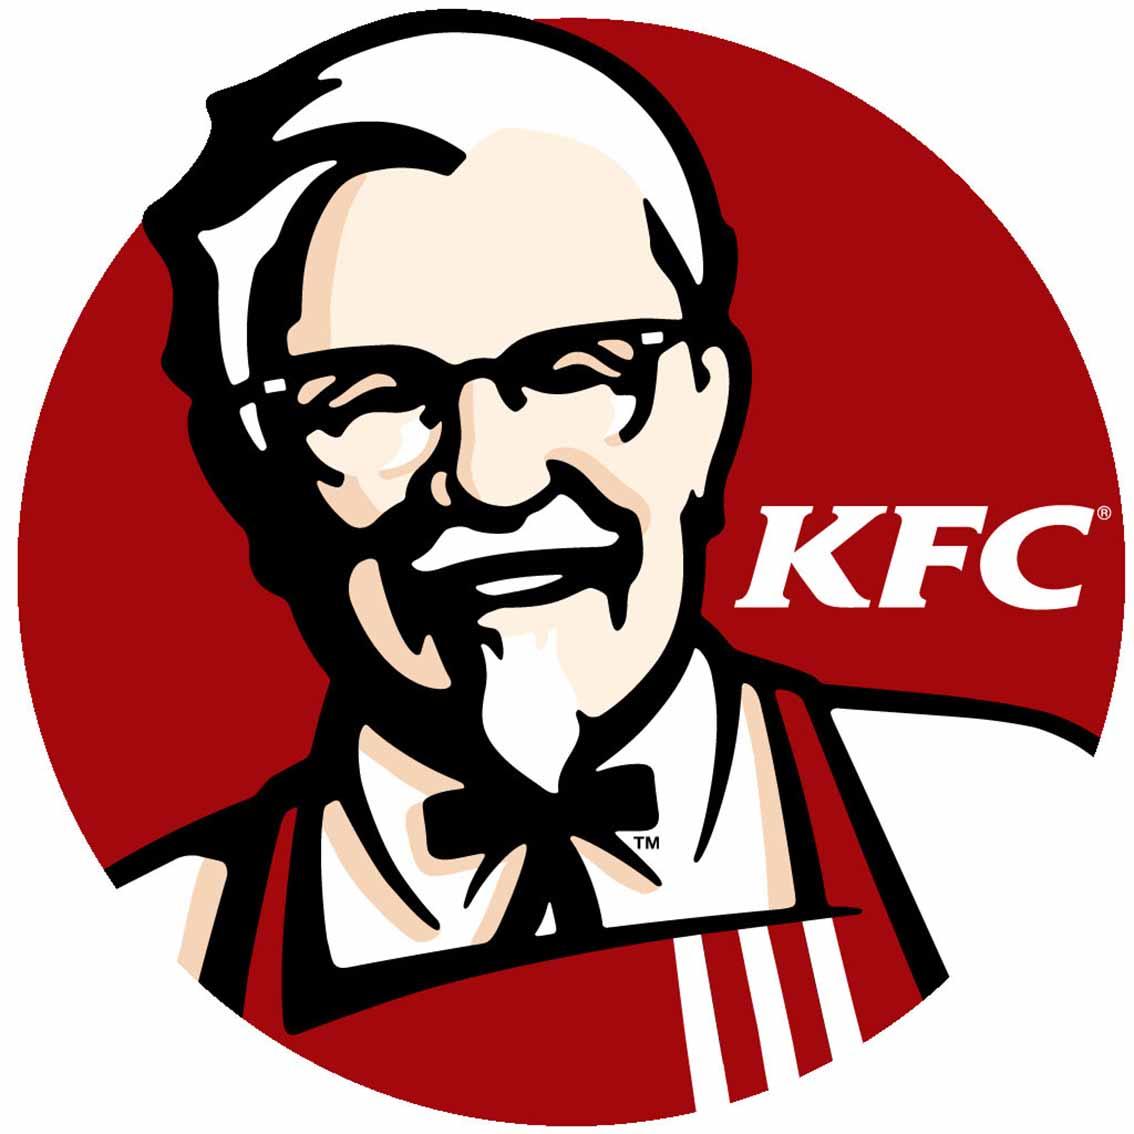 【开学大促】KFC 5折优惠快来领!24 只辣翅只要9.9欧!汉堡套餐 4.99欧!准备好美食一顿了吗?